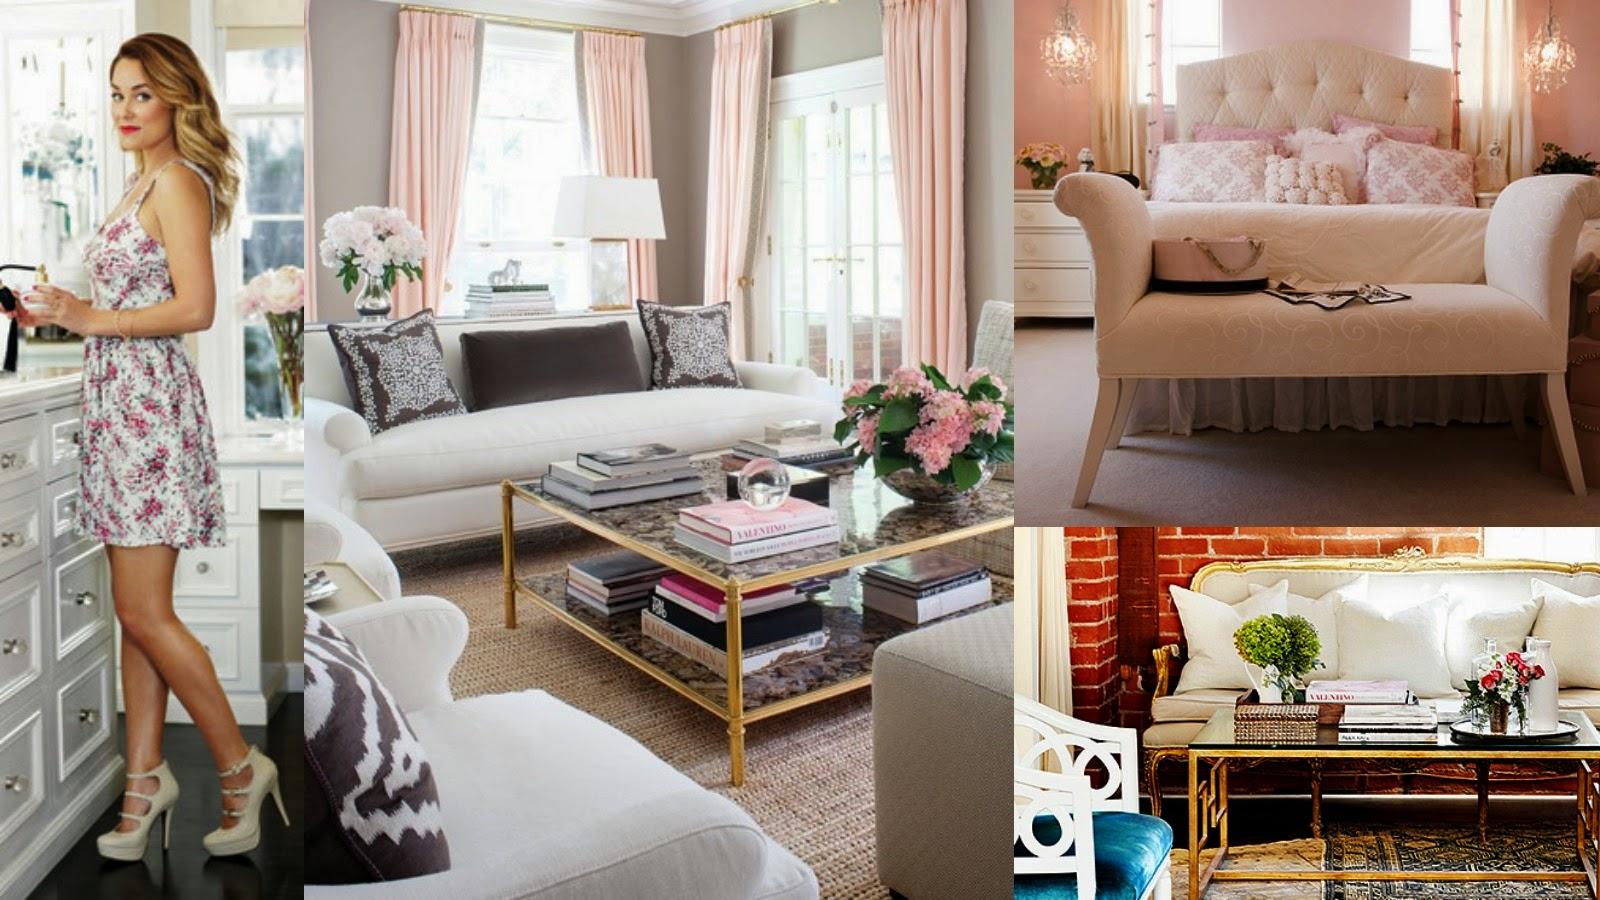 Lauren Conrad Home Decor Home Decor